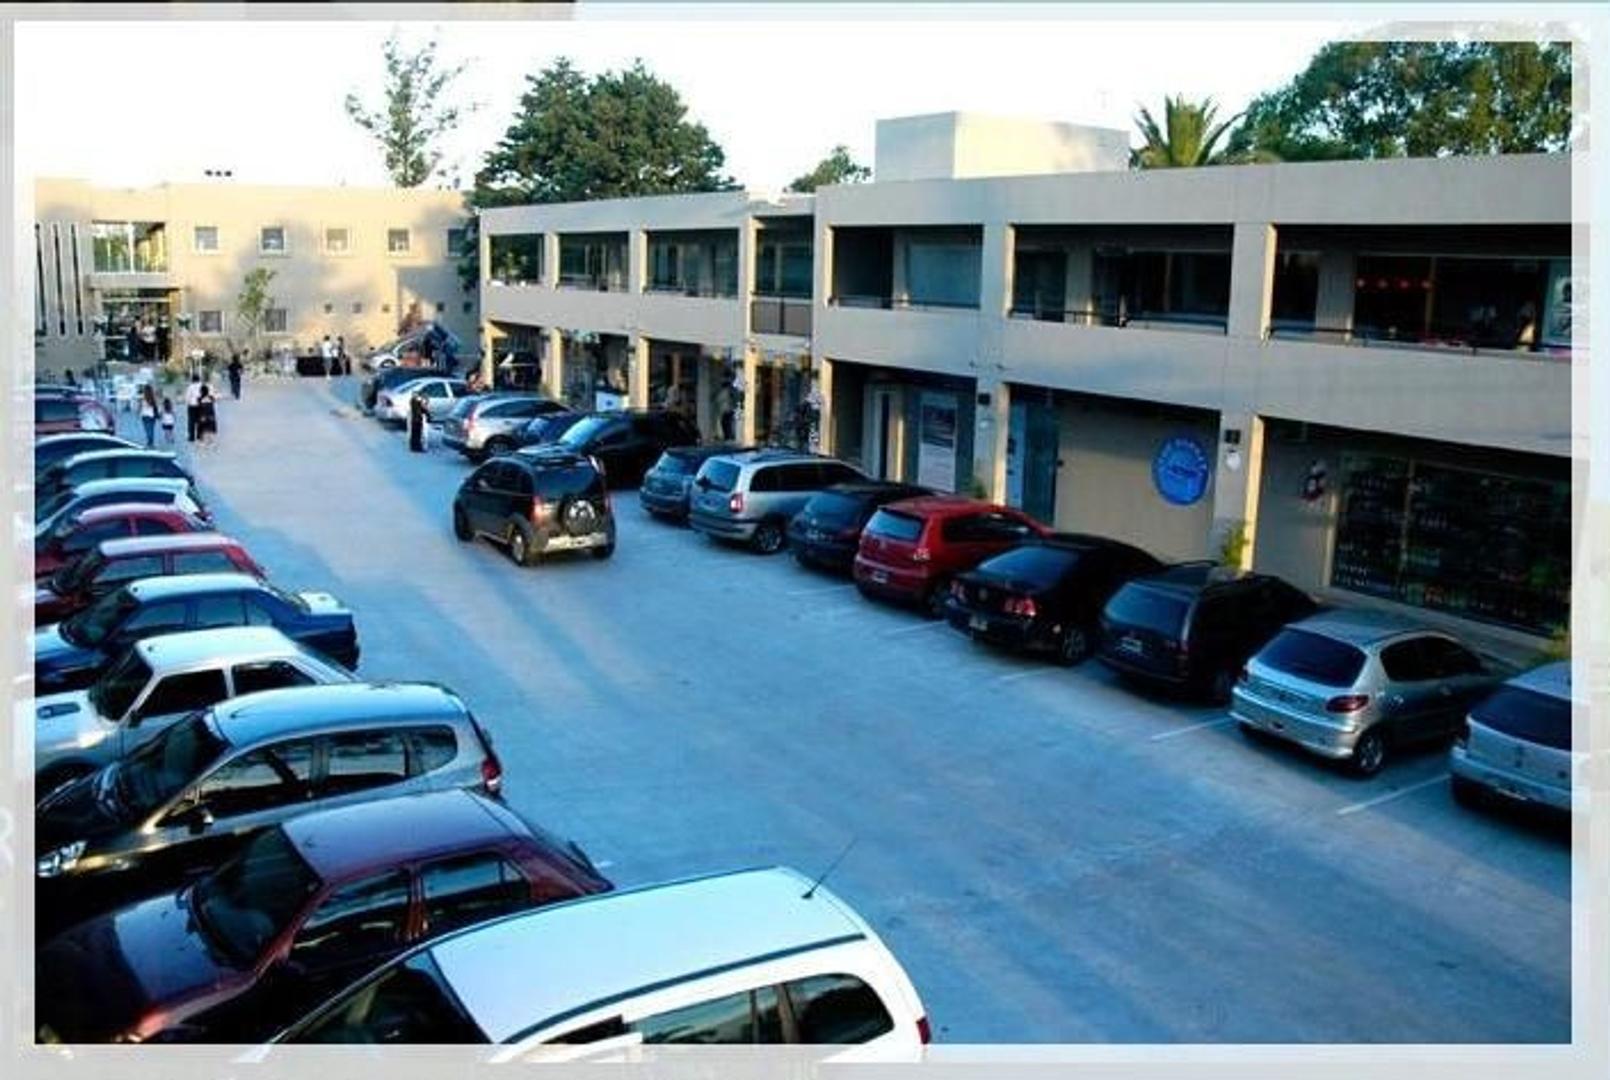 Local  en Alquiler ubicado en Tortuguitas, Pilar y Alrededores - PIL3388_LP89812_2